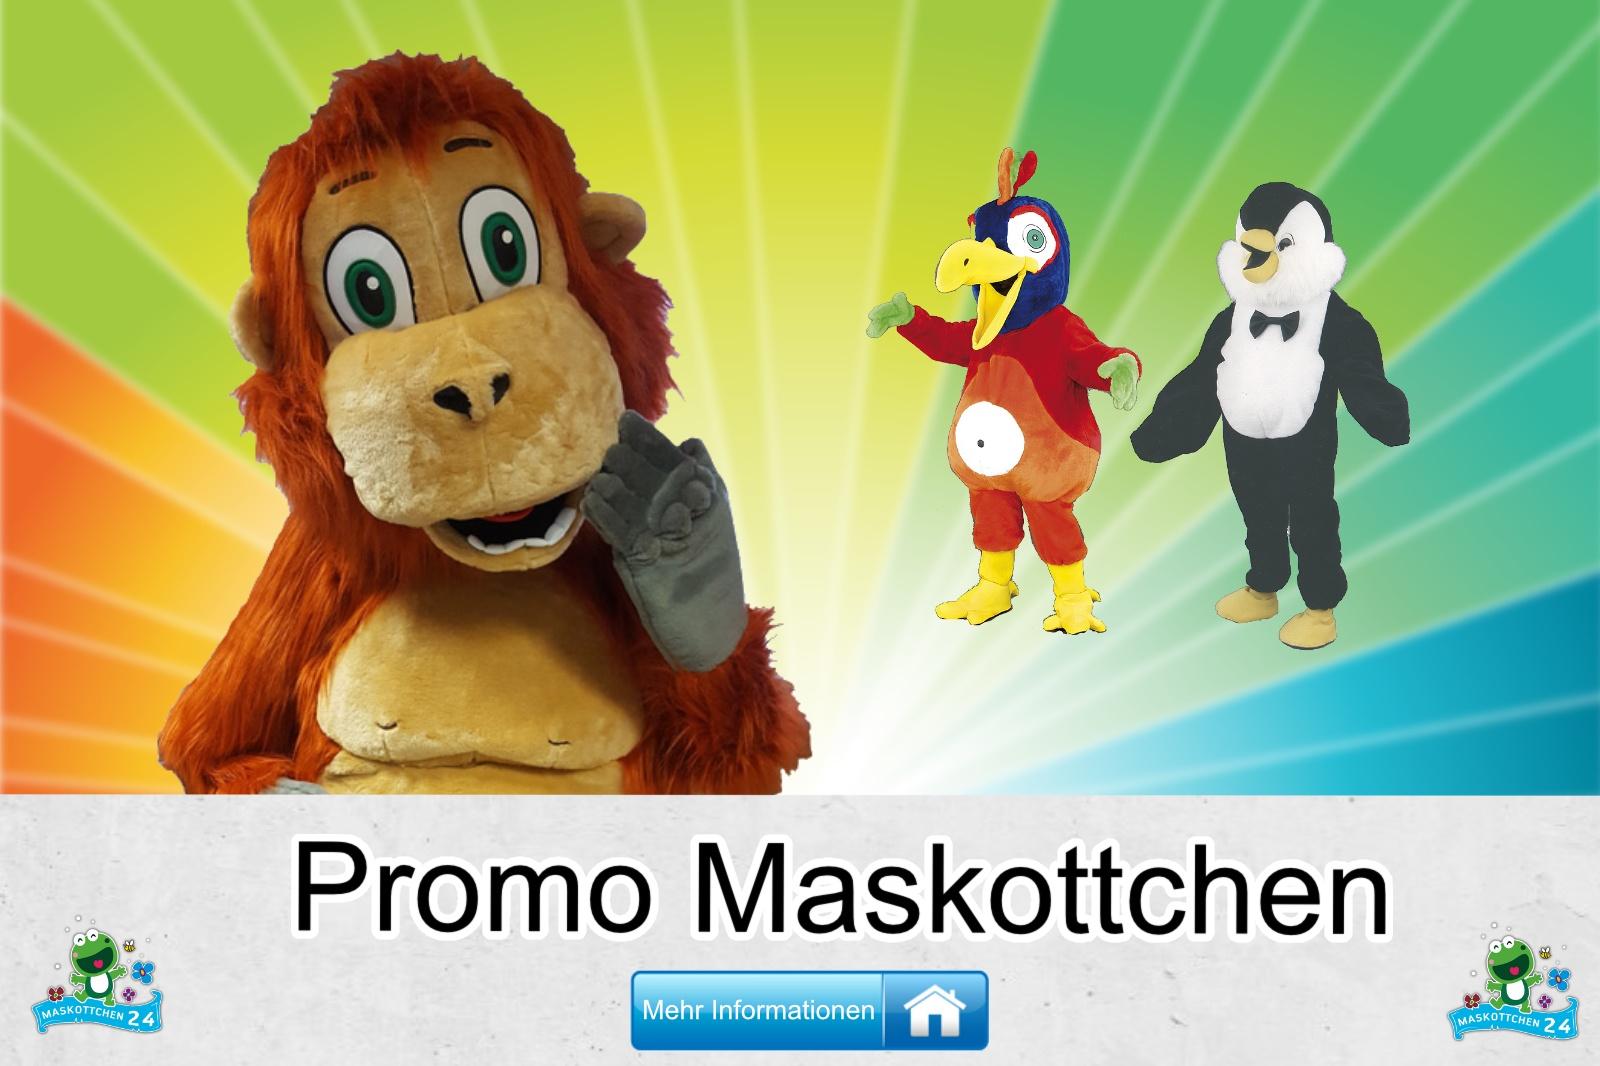 Das Promo, Maskottchen Kostüm kaufen, günstige Produktion und Herstellung.